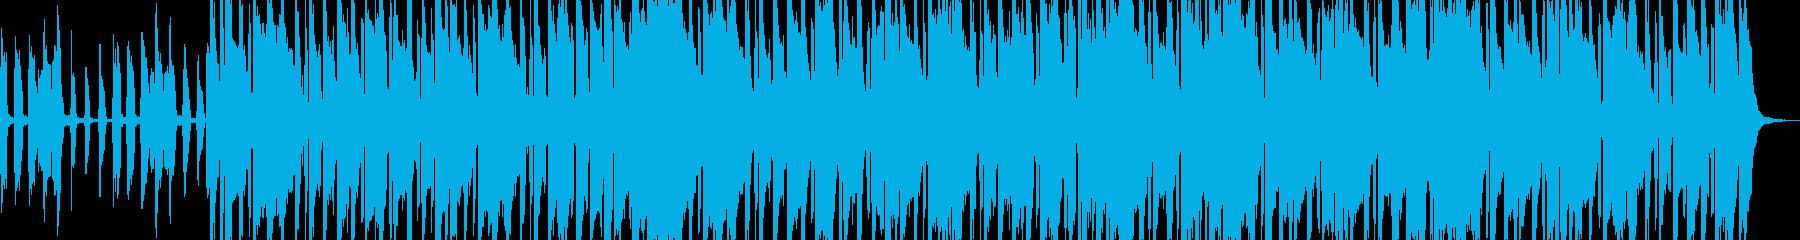 ポップ ロック ファンク コーポレ...の再生済みの波形